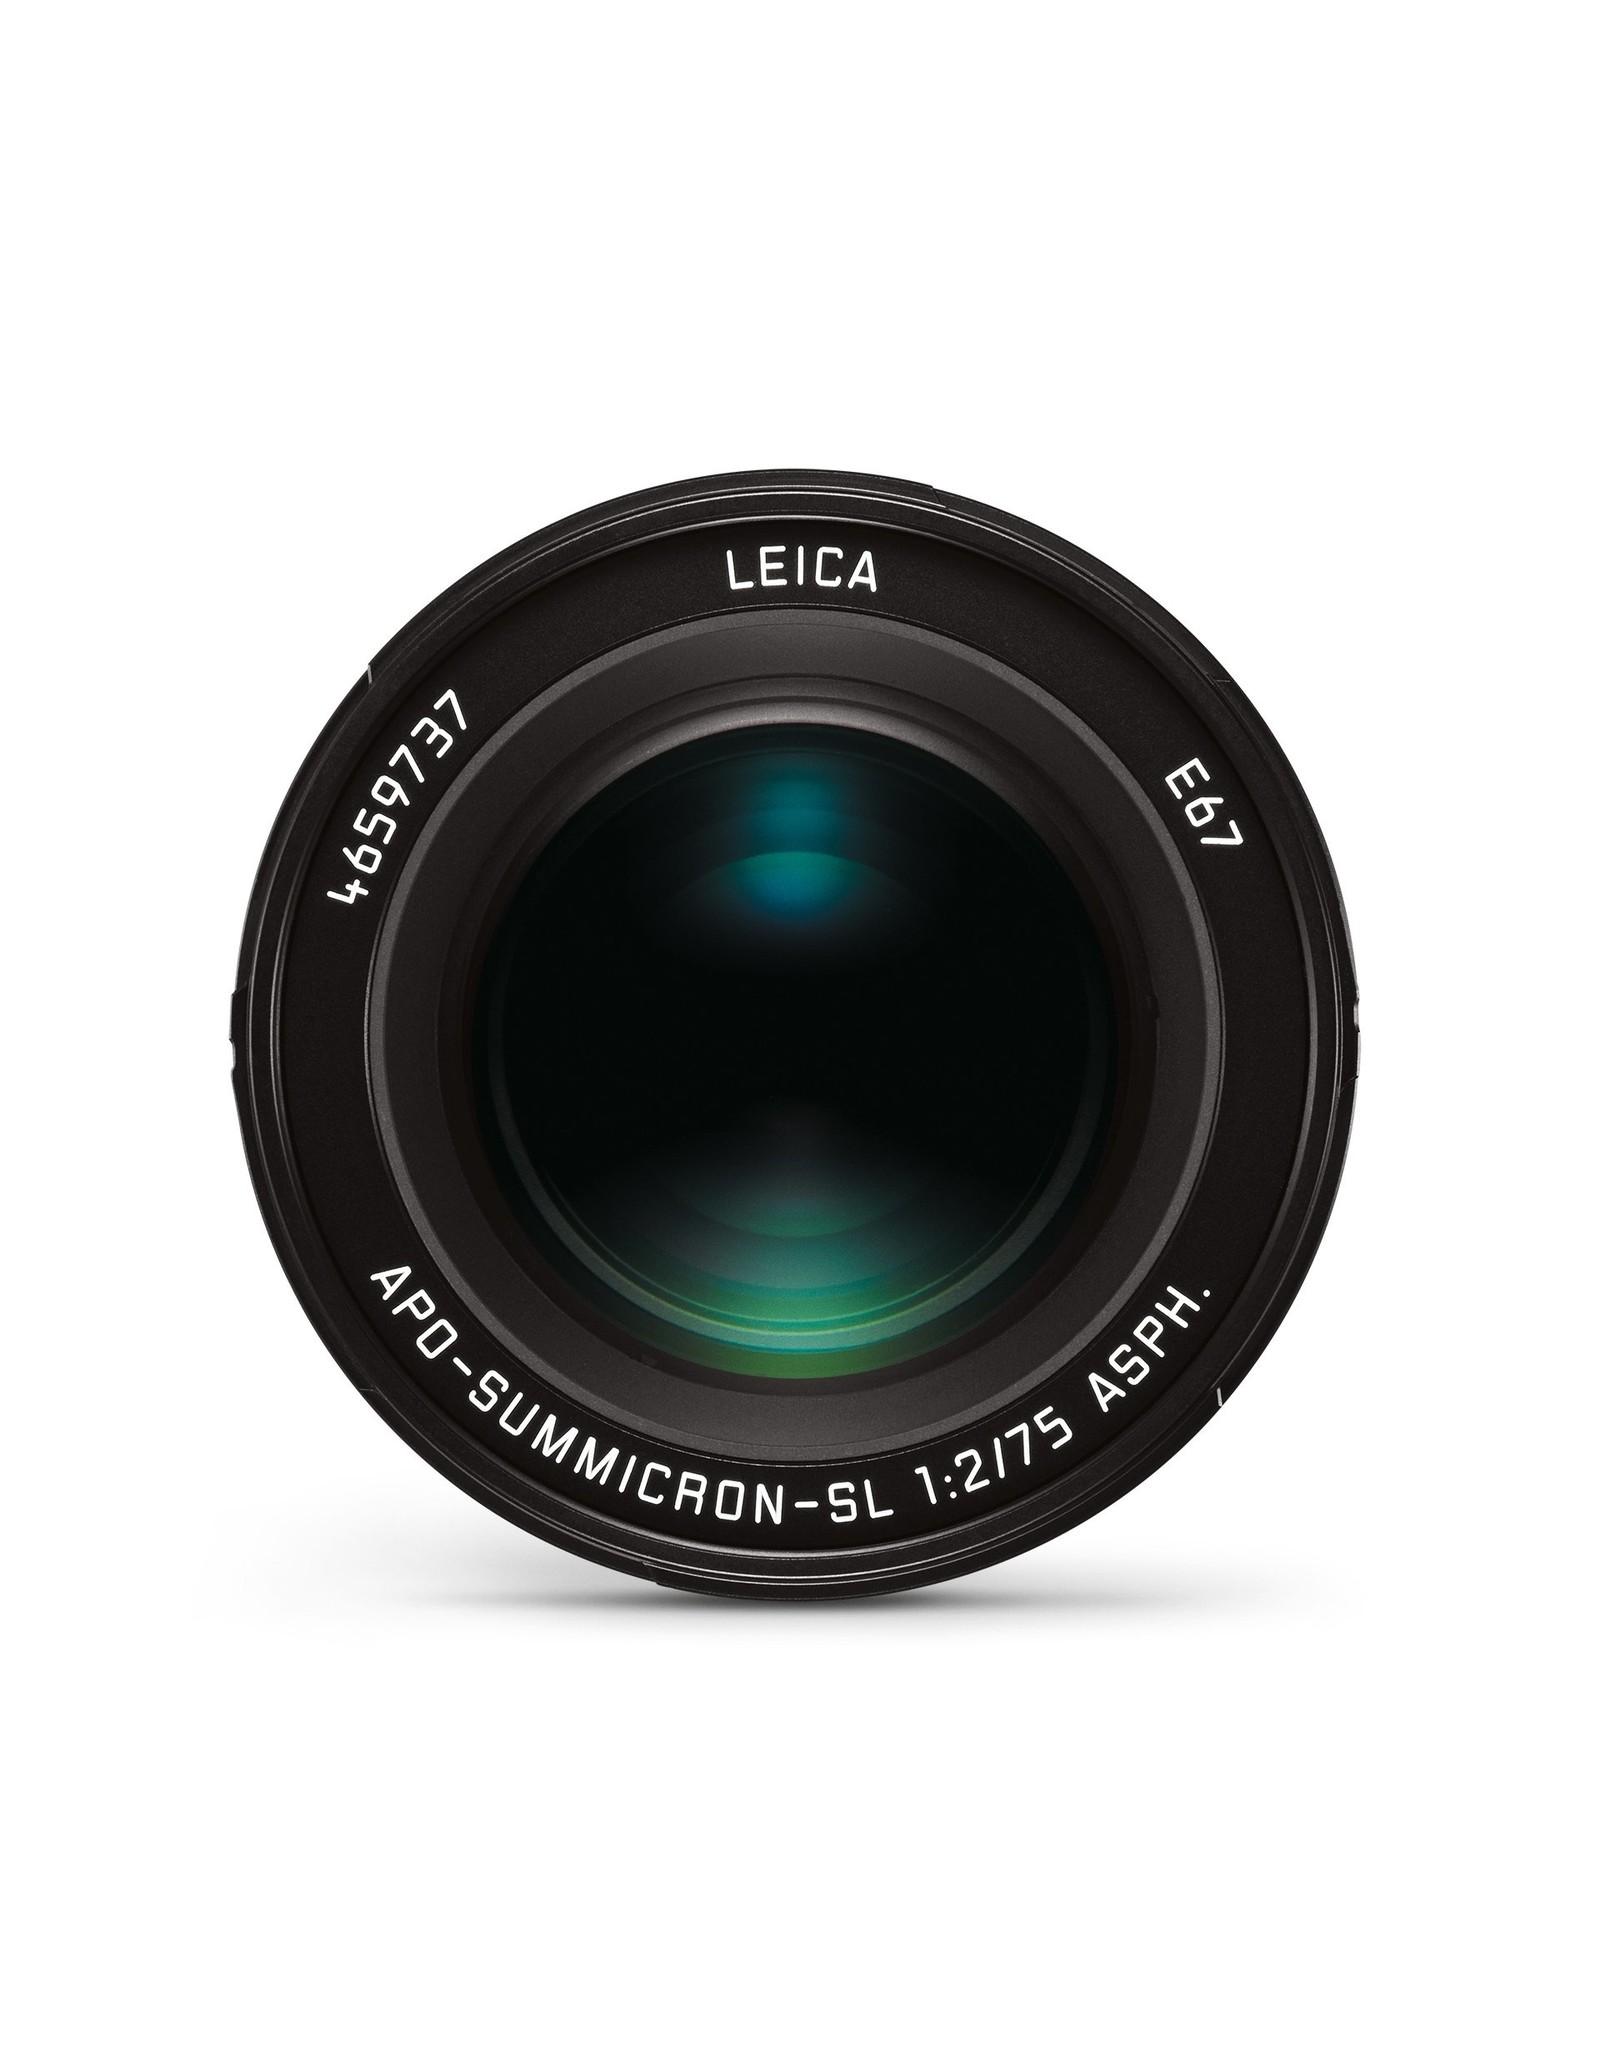 Leica Leica 75mm f2 APO-Summicron-SL ASPH Black   111-78